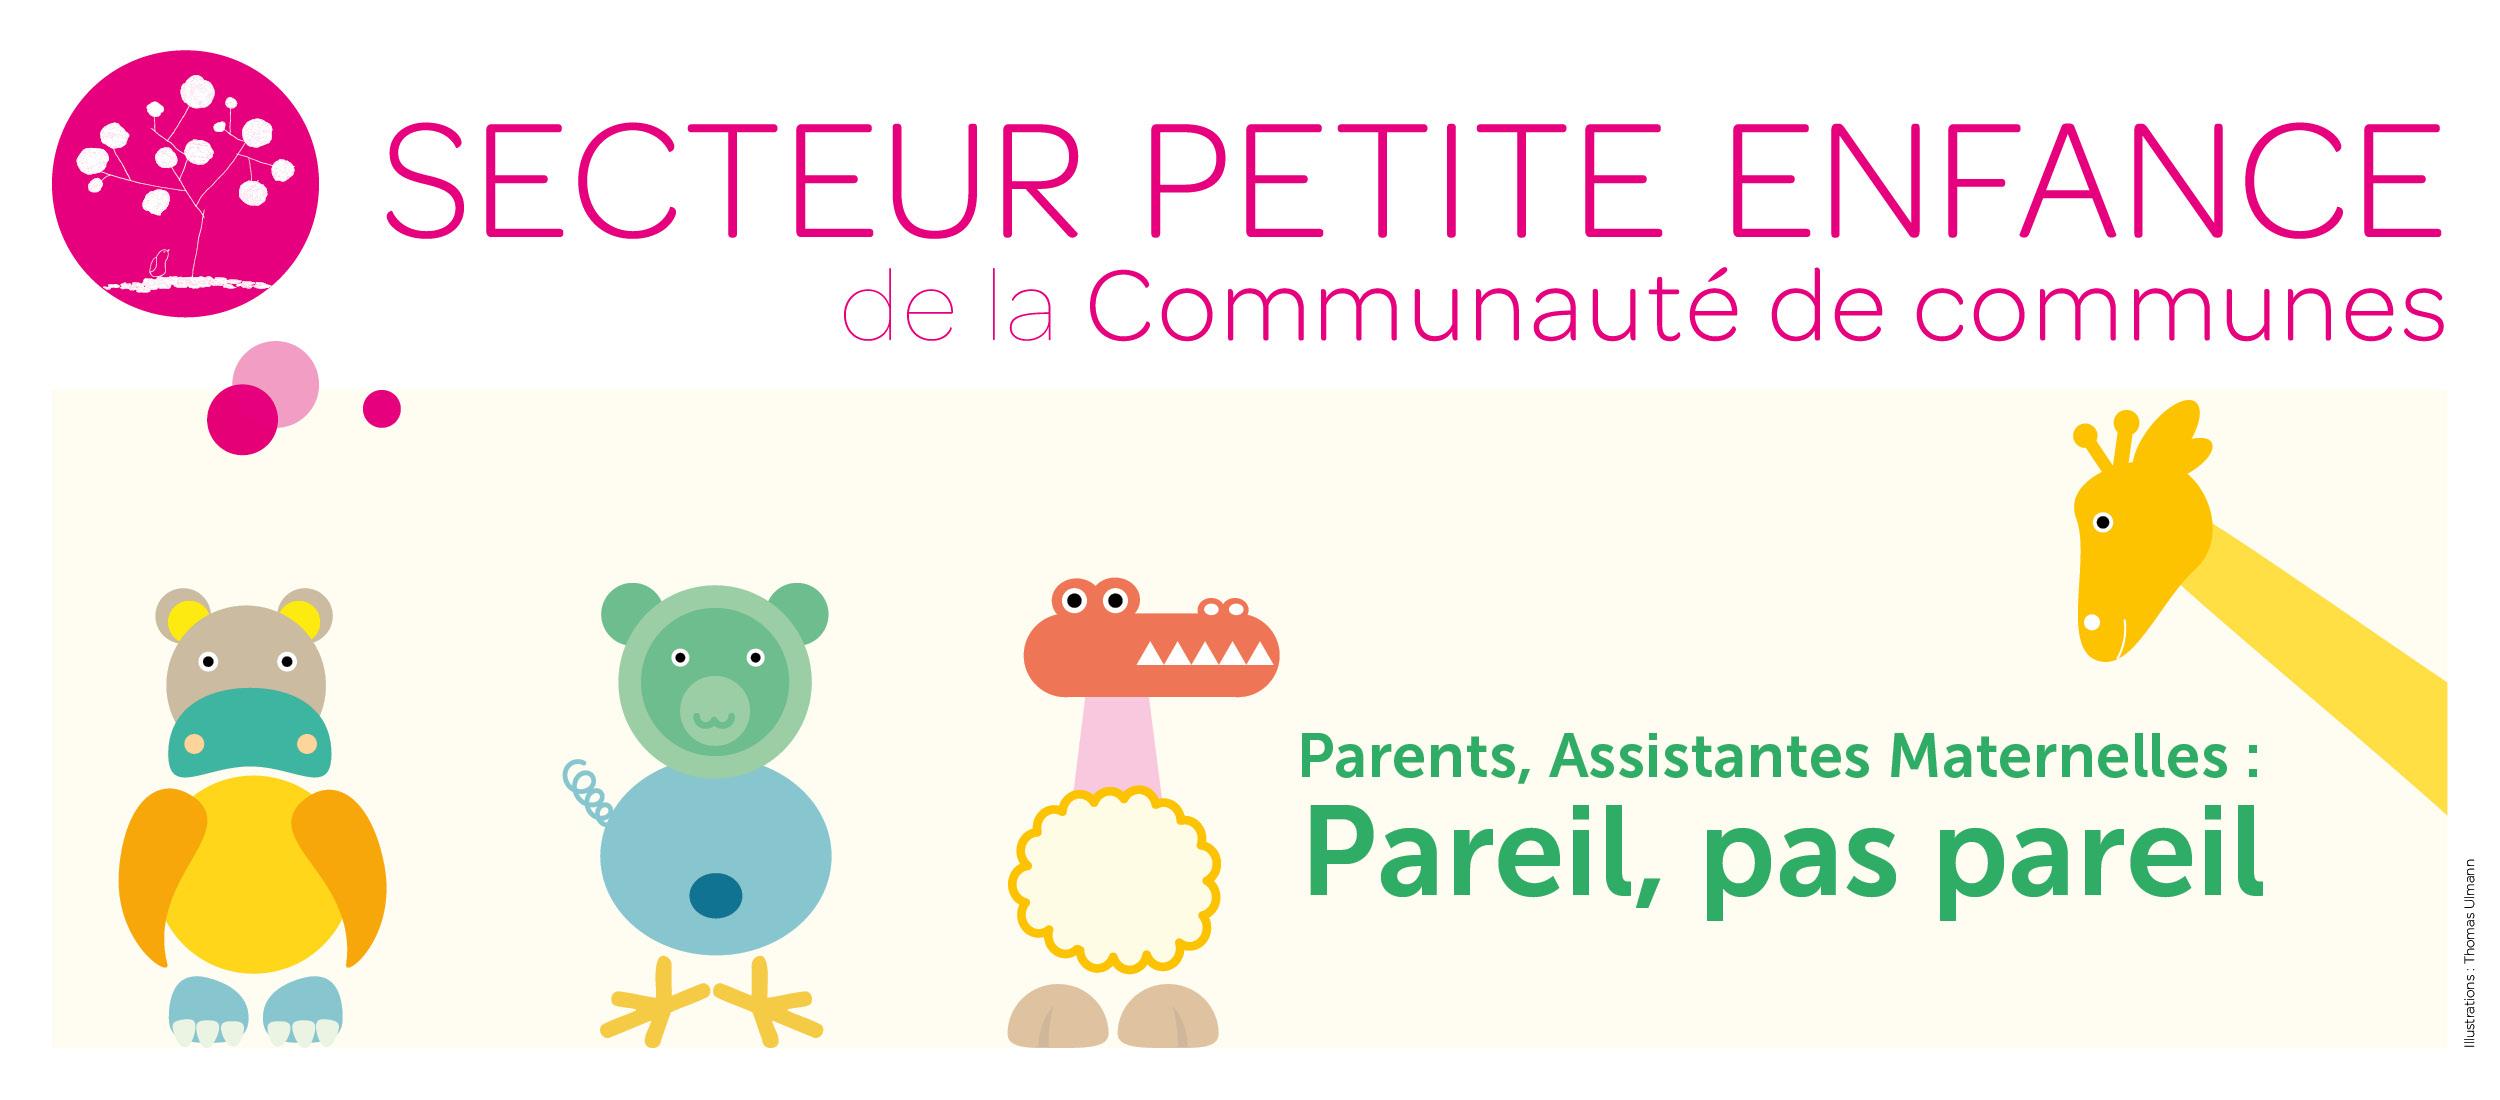 4Cps > Temps D'échanges Et De Jeux : Pareil, Pas Pareil destiné Jeux Ludique Maternelle